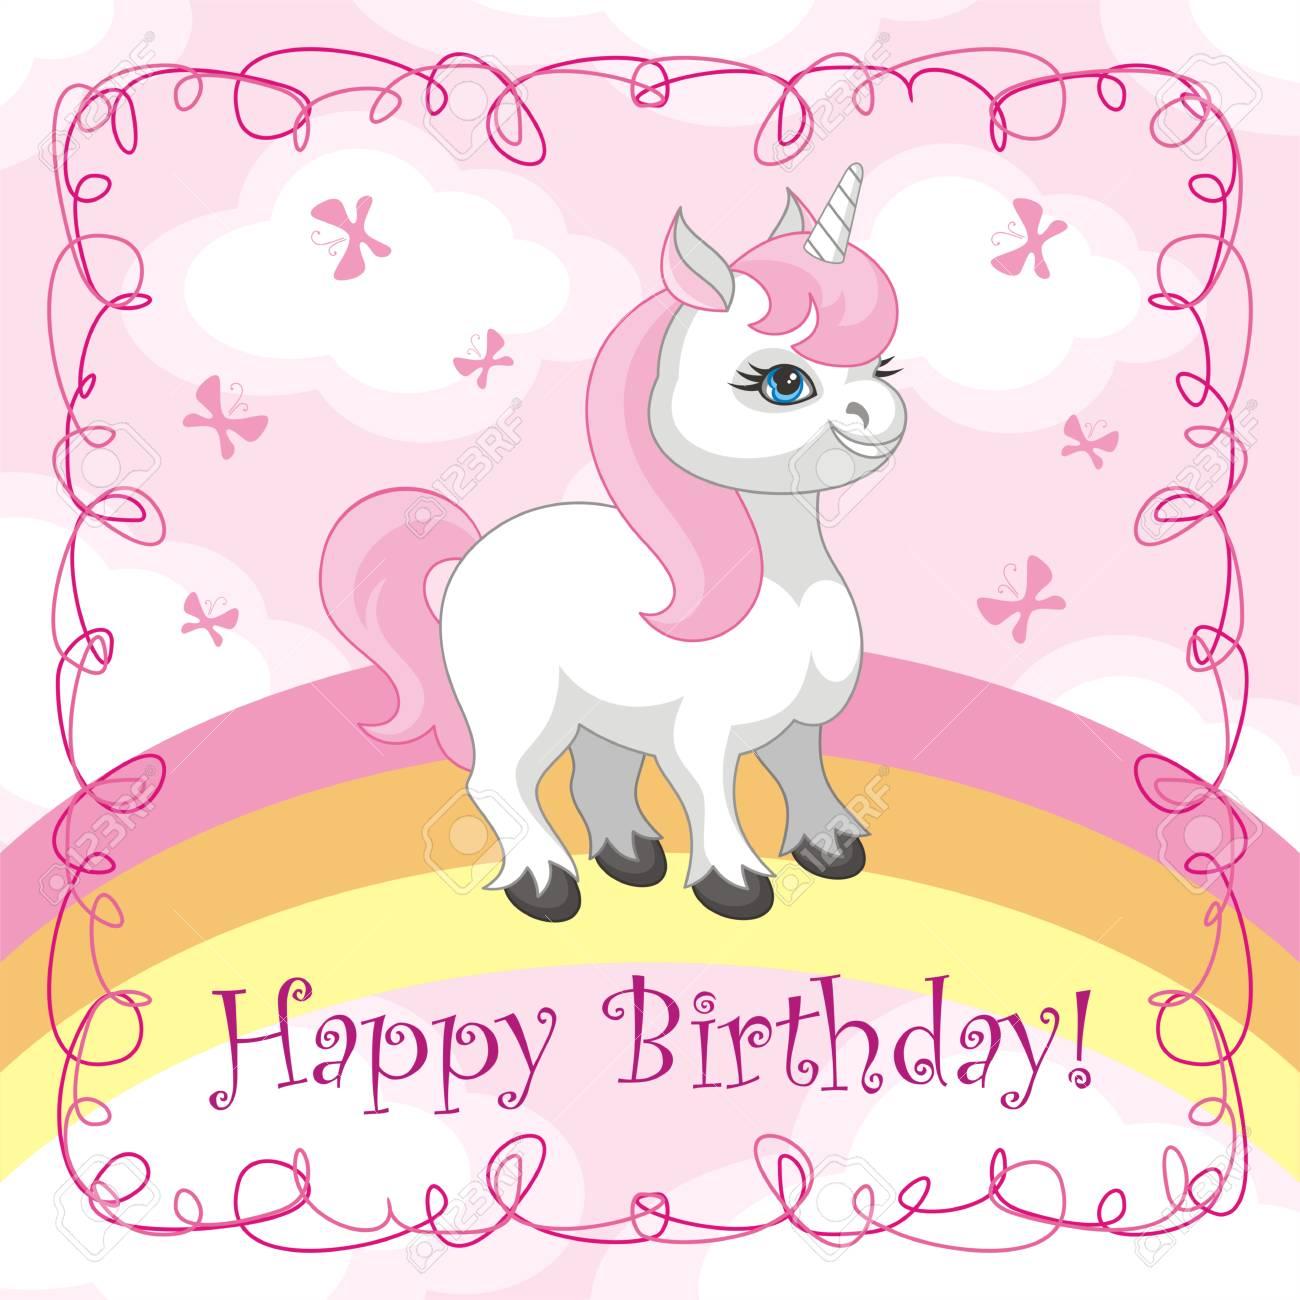 Alles Gute Zum Geburtstag Grußkarte Mit Einem Bild Von Einem Süßen